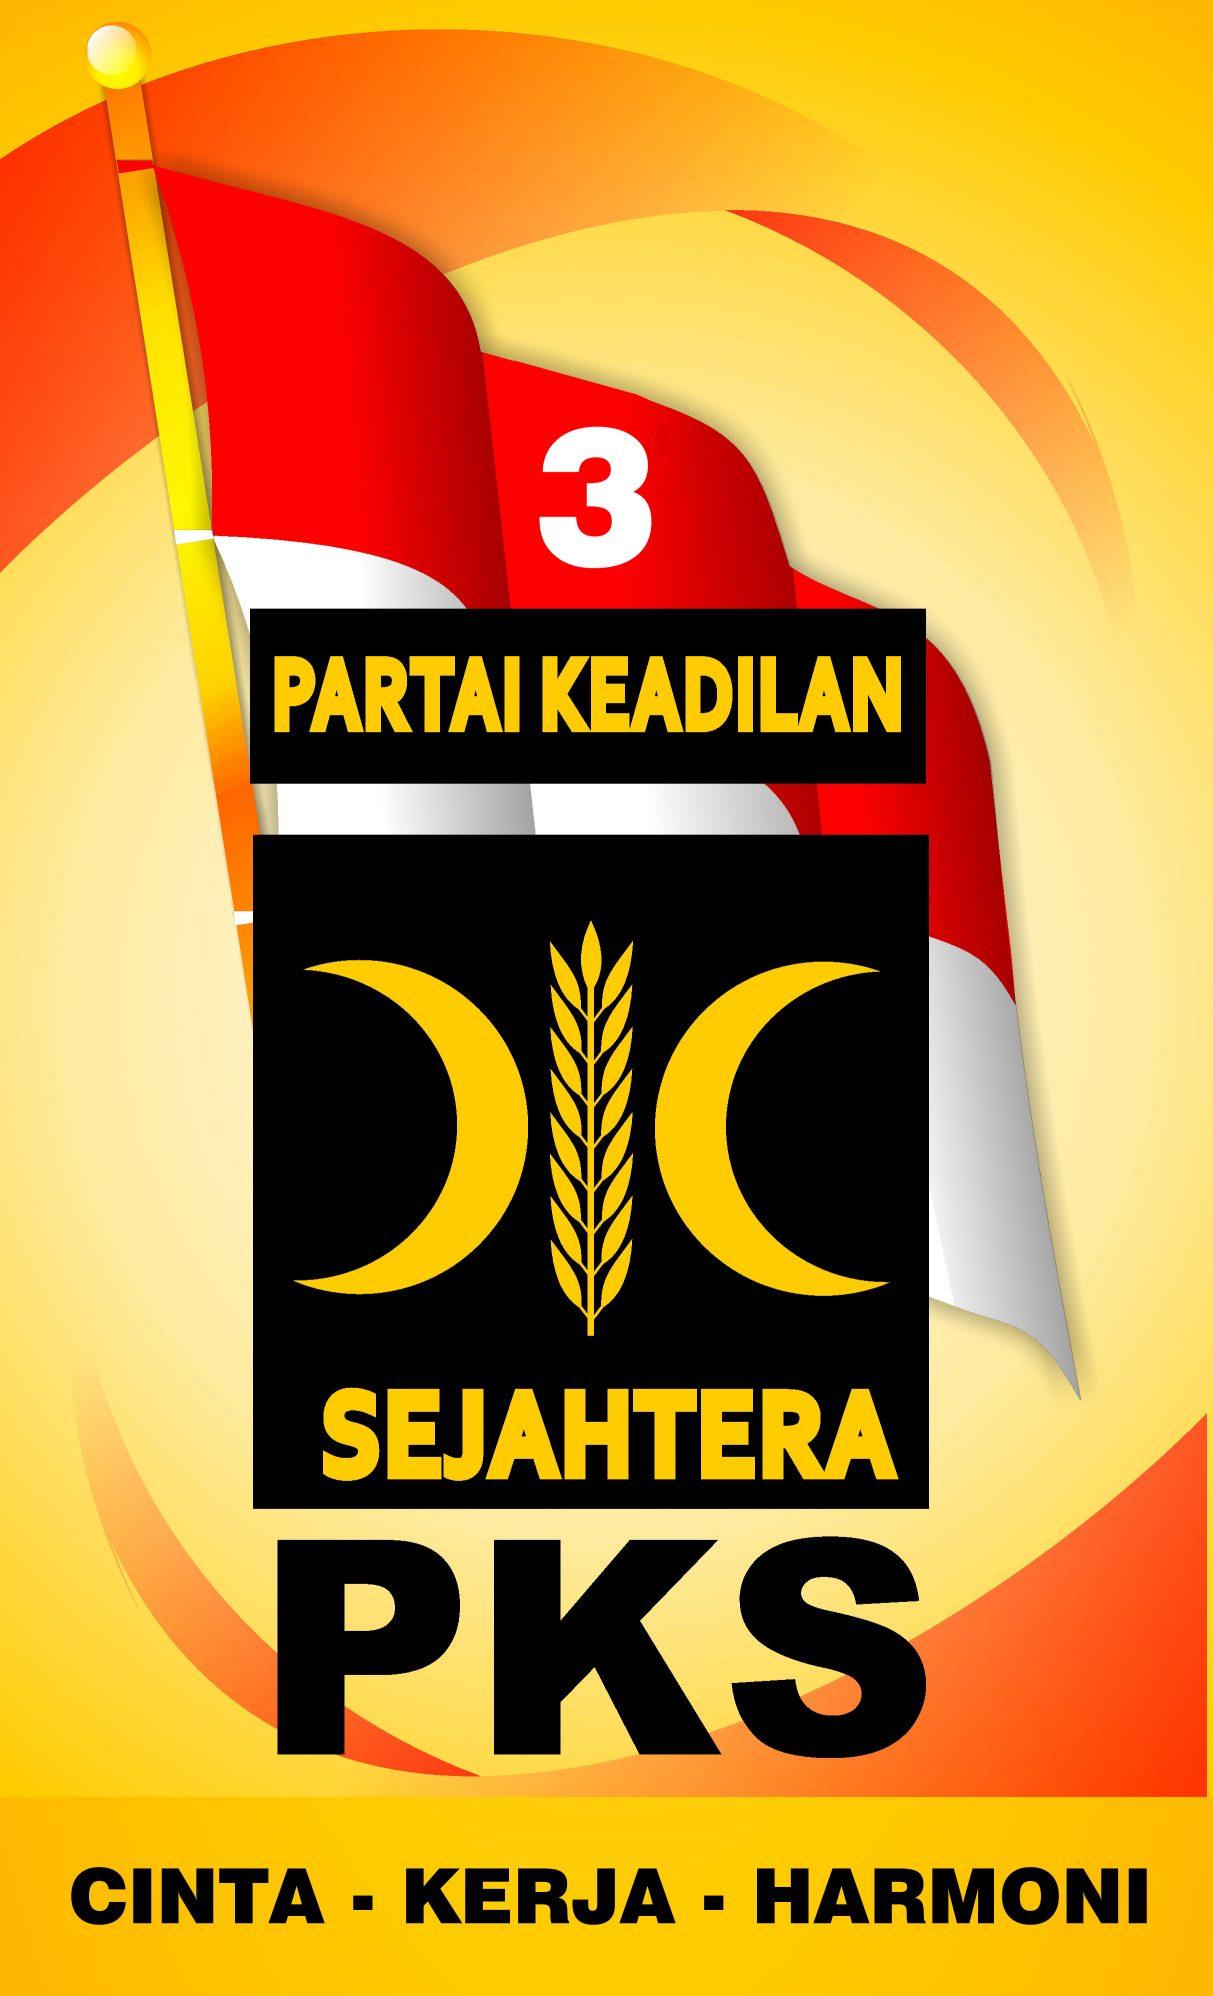 pks ckh logo 3